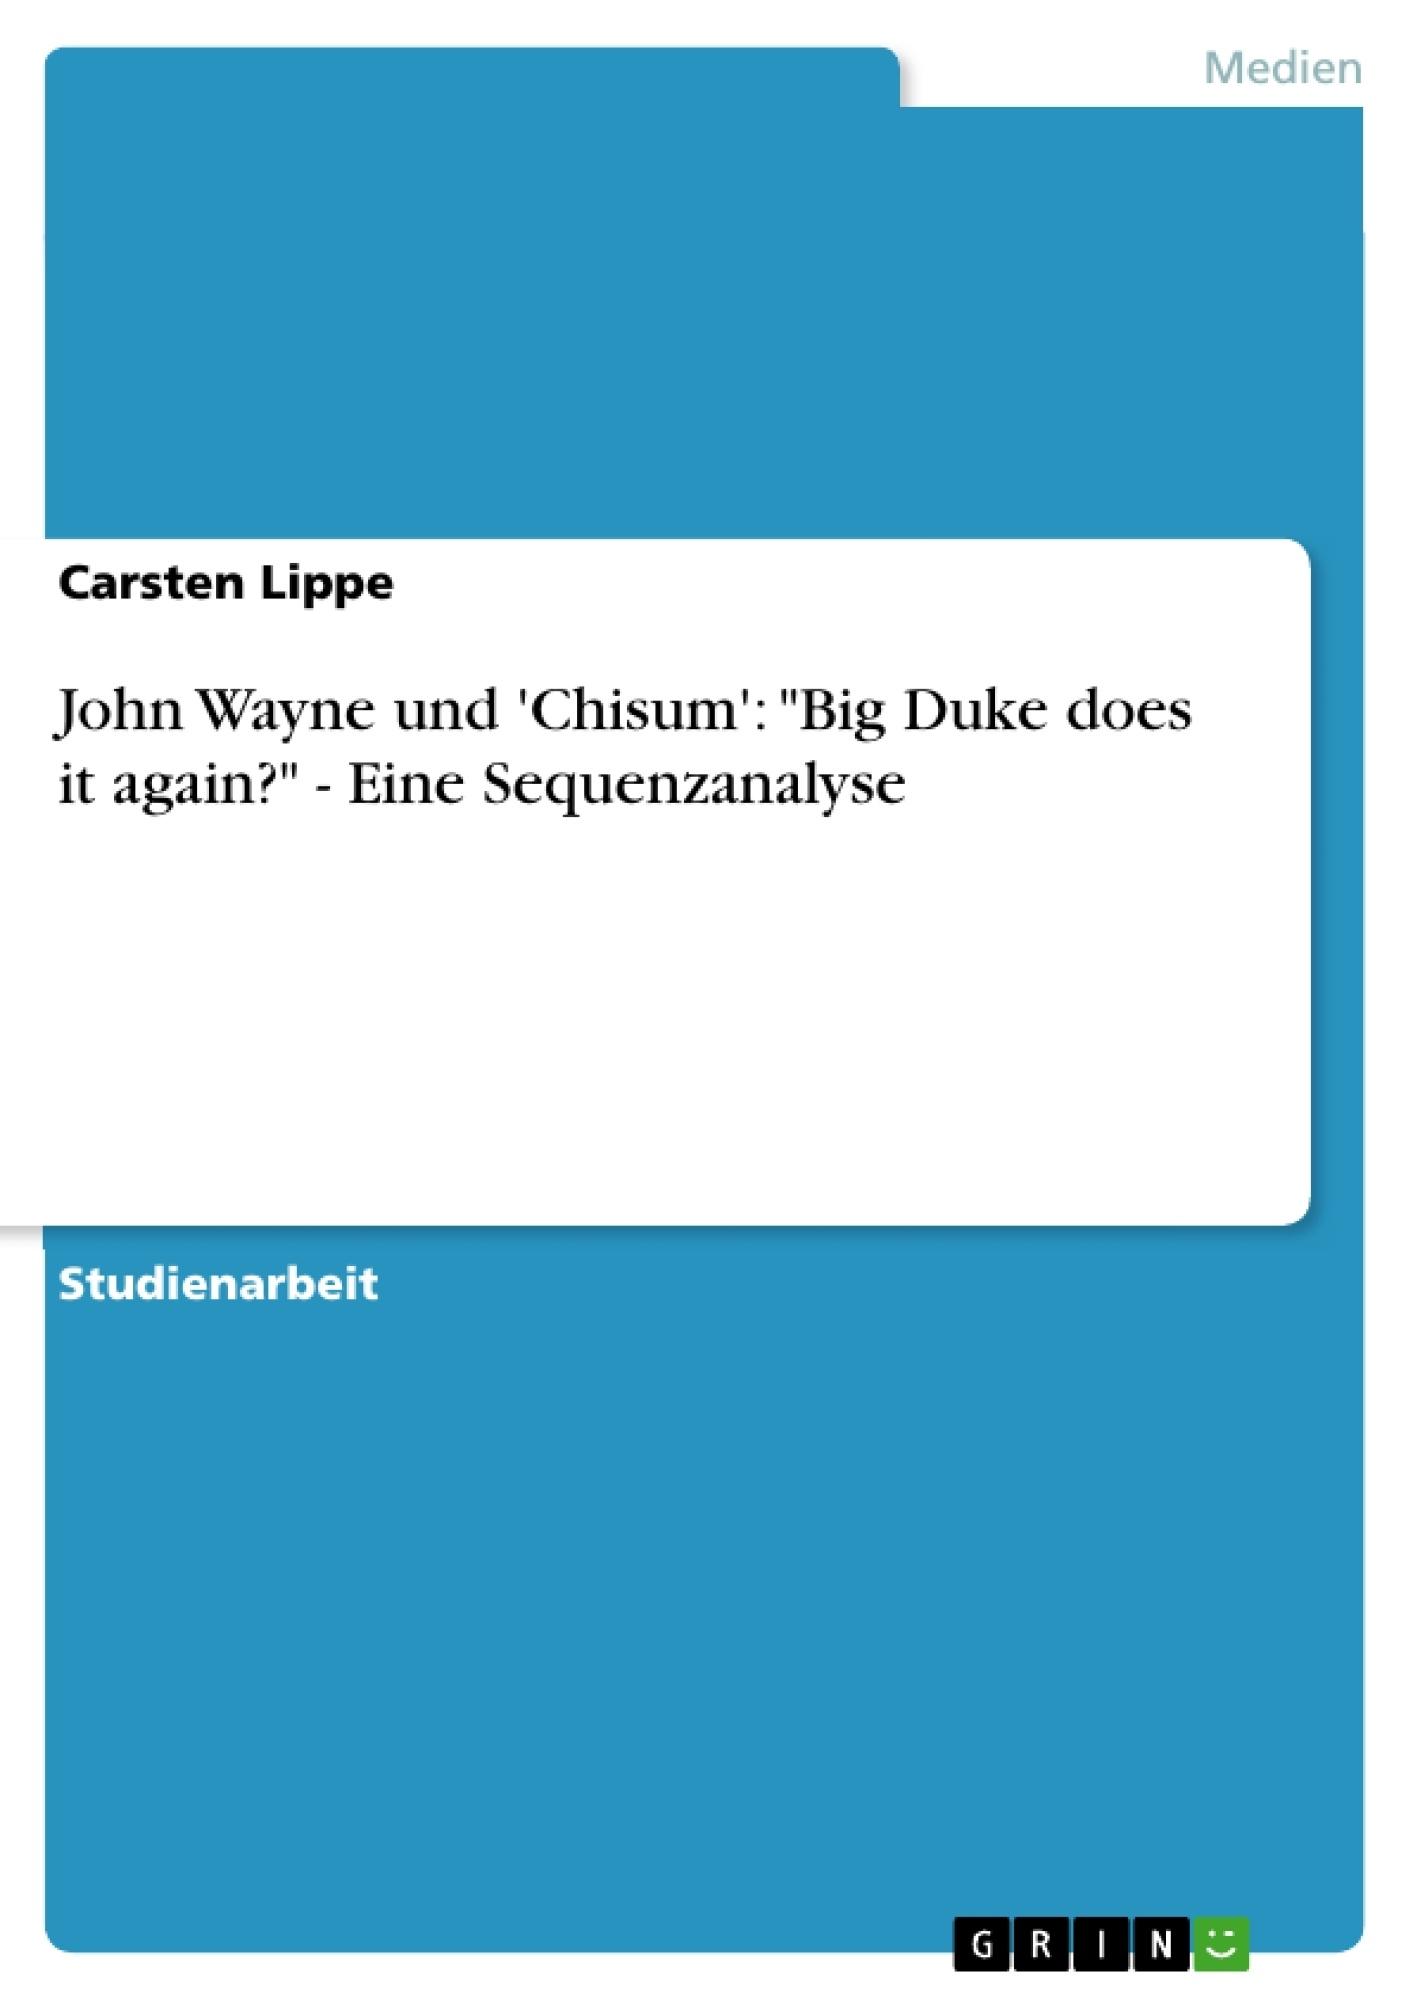 """Titel: John Wayne und 'Chisum': """"Big Duke does it again?"""" - Eine Sequenzanalyse"""